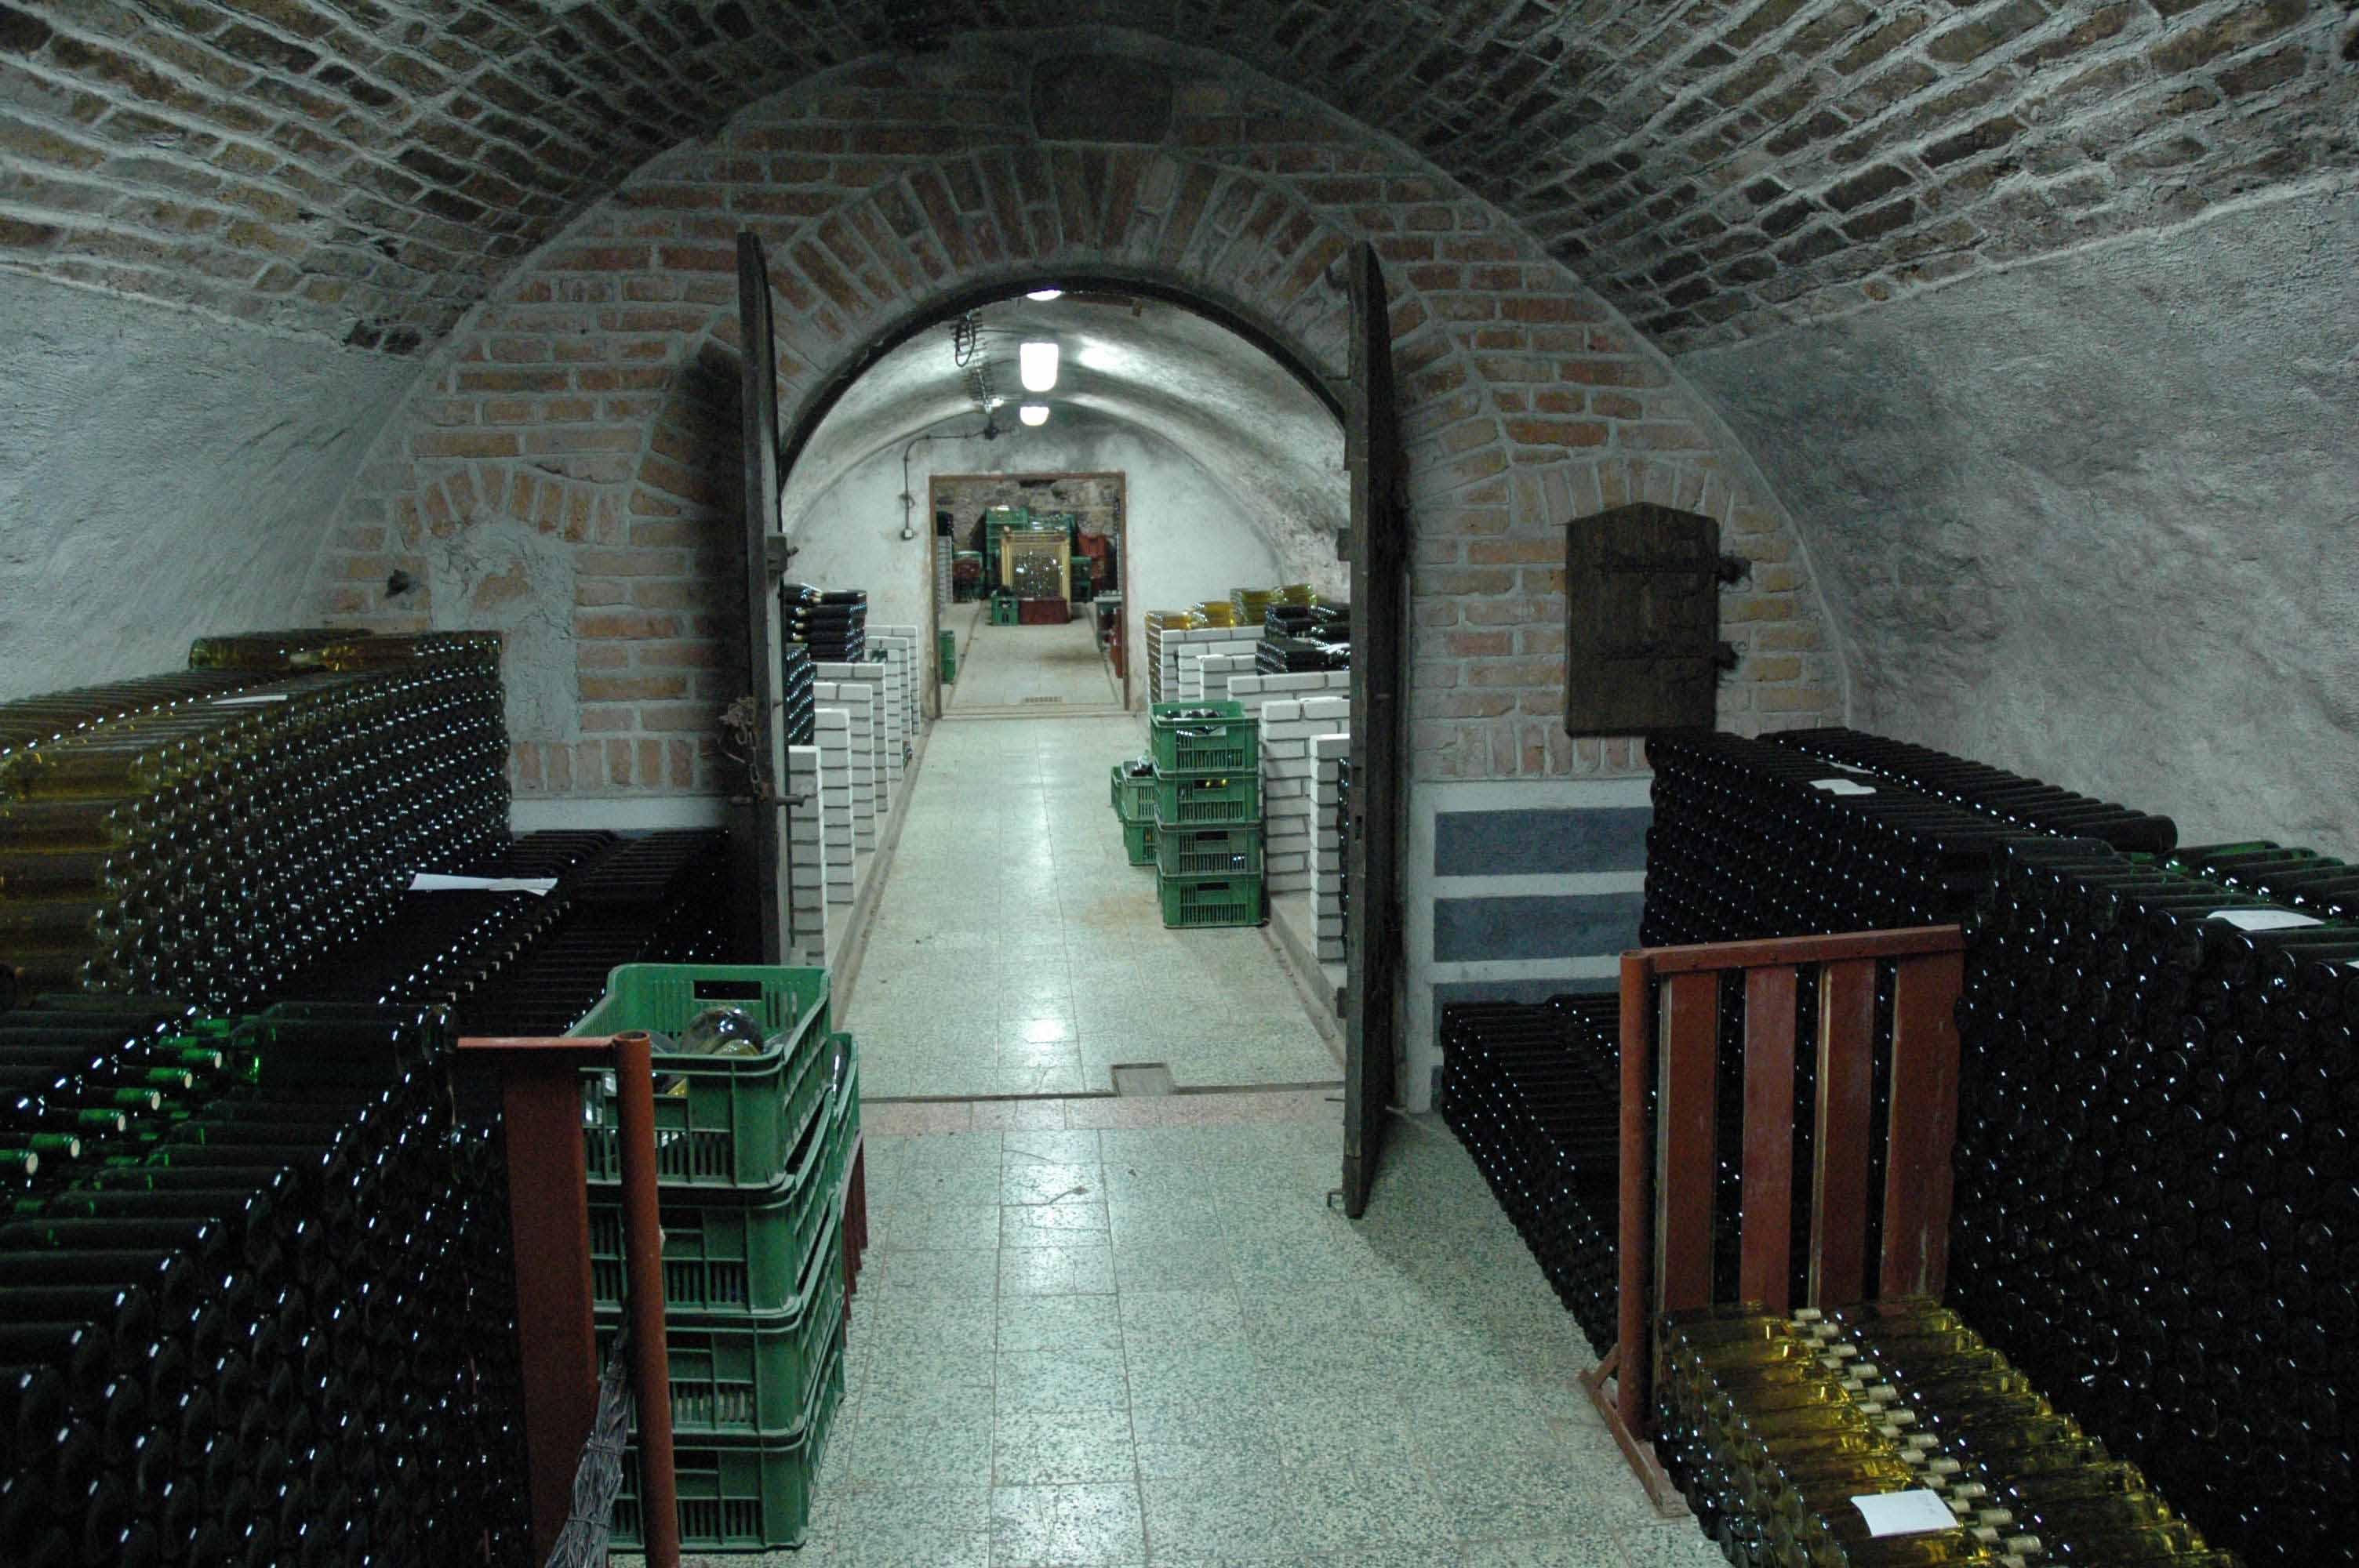 VÍNO TICHÝ vinařství v obci Rybníky